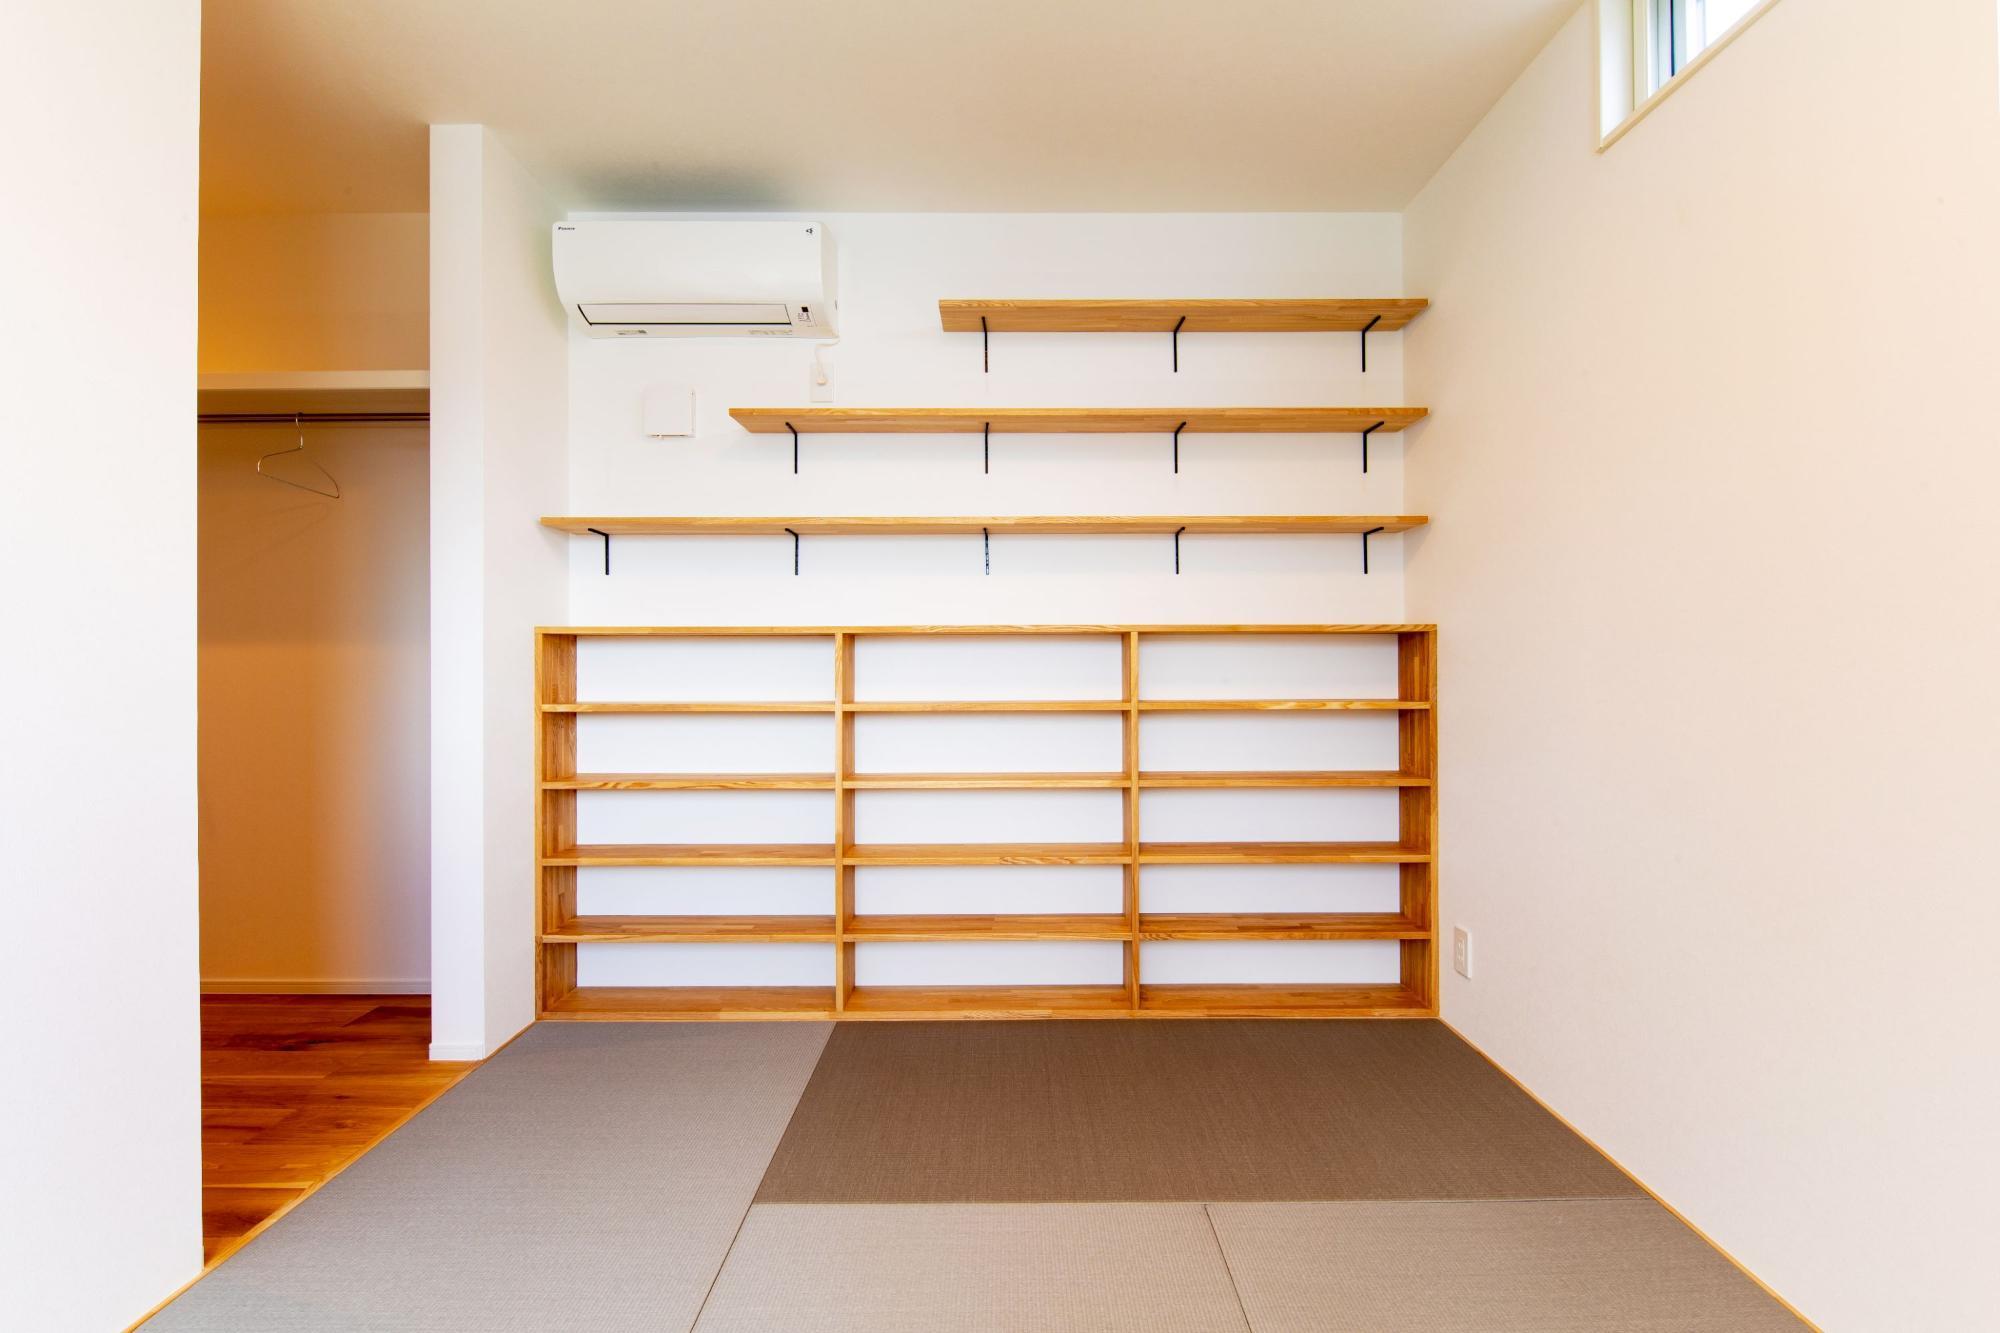 株式会社ゼロスタイル「吹き抜け×セメント×板張り」のシンプル・ナチュラル・モダン・自然素材な居室の実例写真